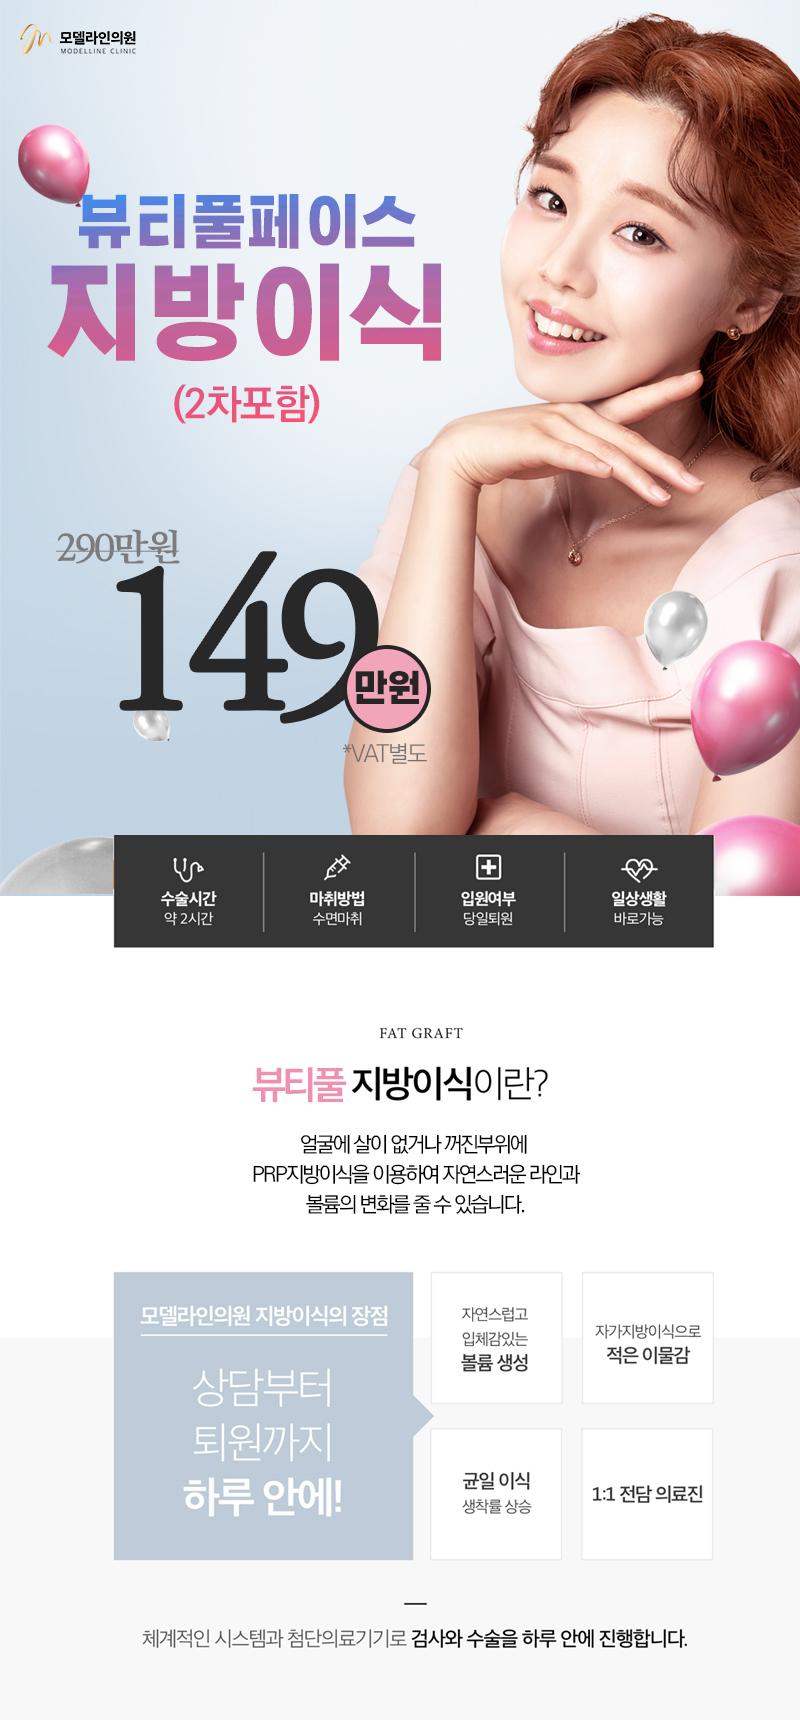 D event info 9eb927ba1bd8247453